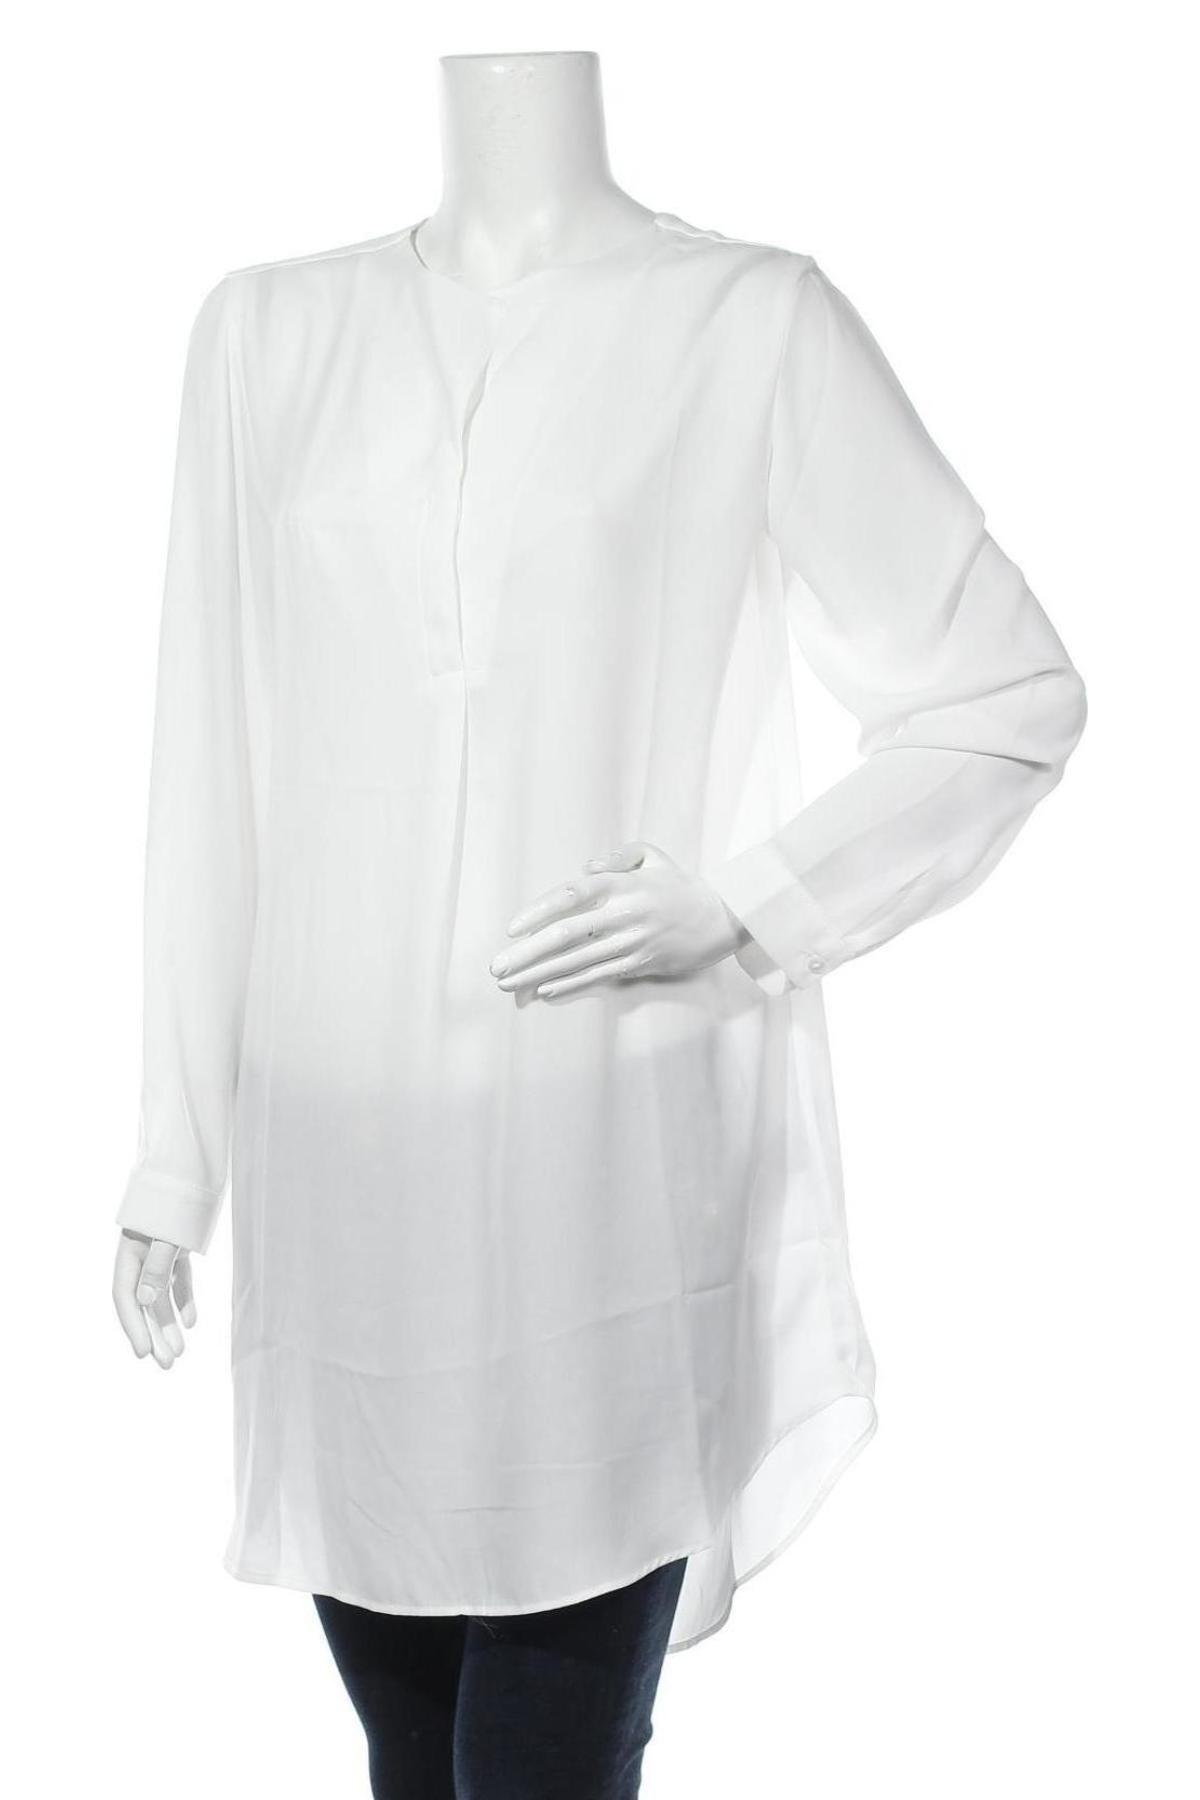 Τουνίκ Vila, Μέγεθος XL, Χρώμα Λευκό, Πολυεστέρας, Τιμή 17,79€